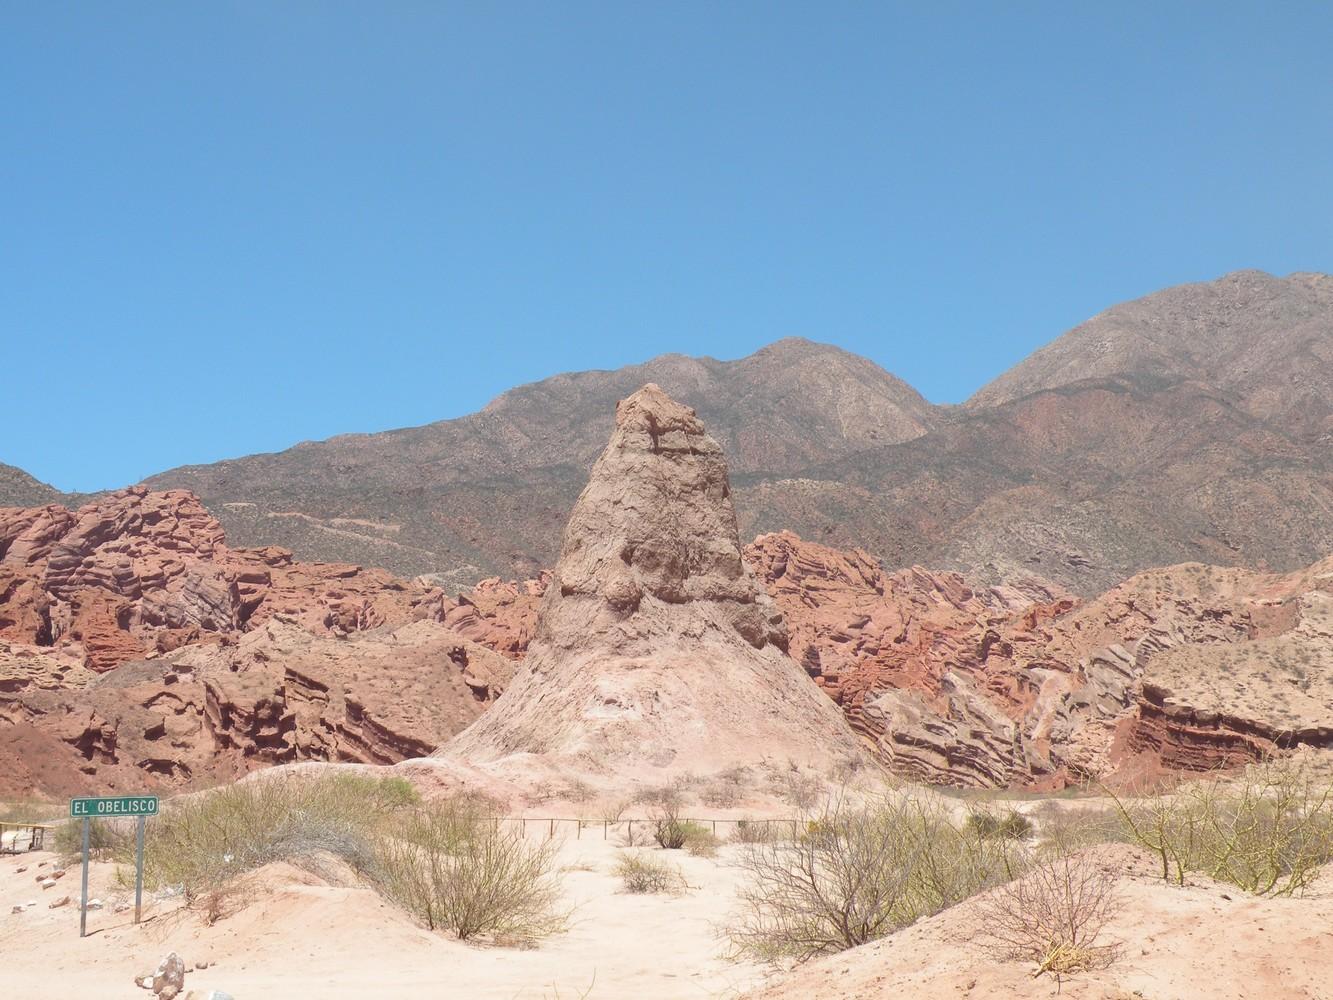 El Obelisco - Quebrada de las Conchas